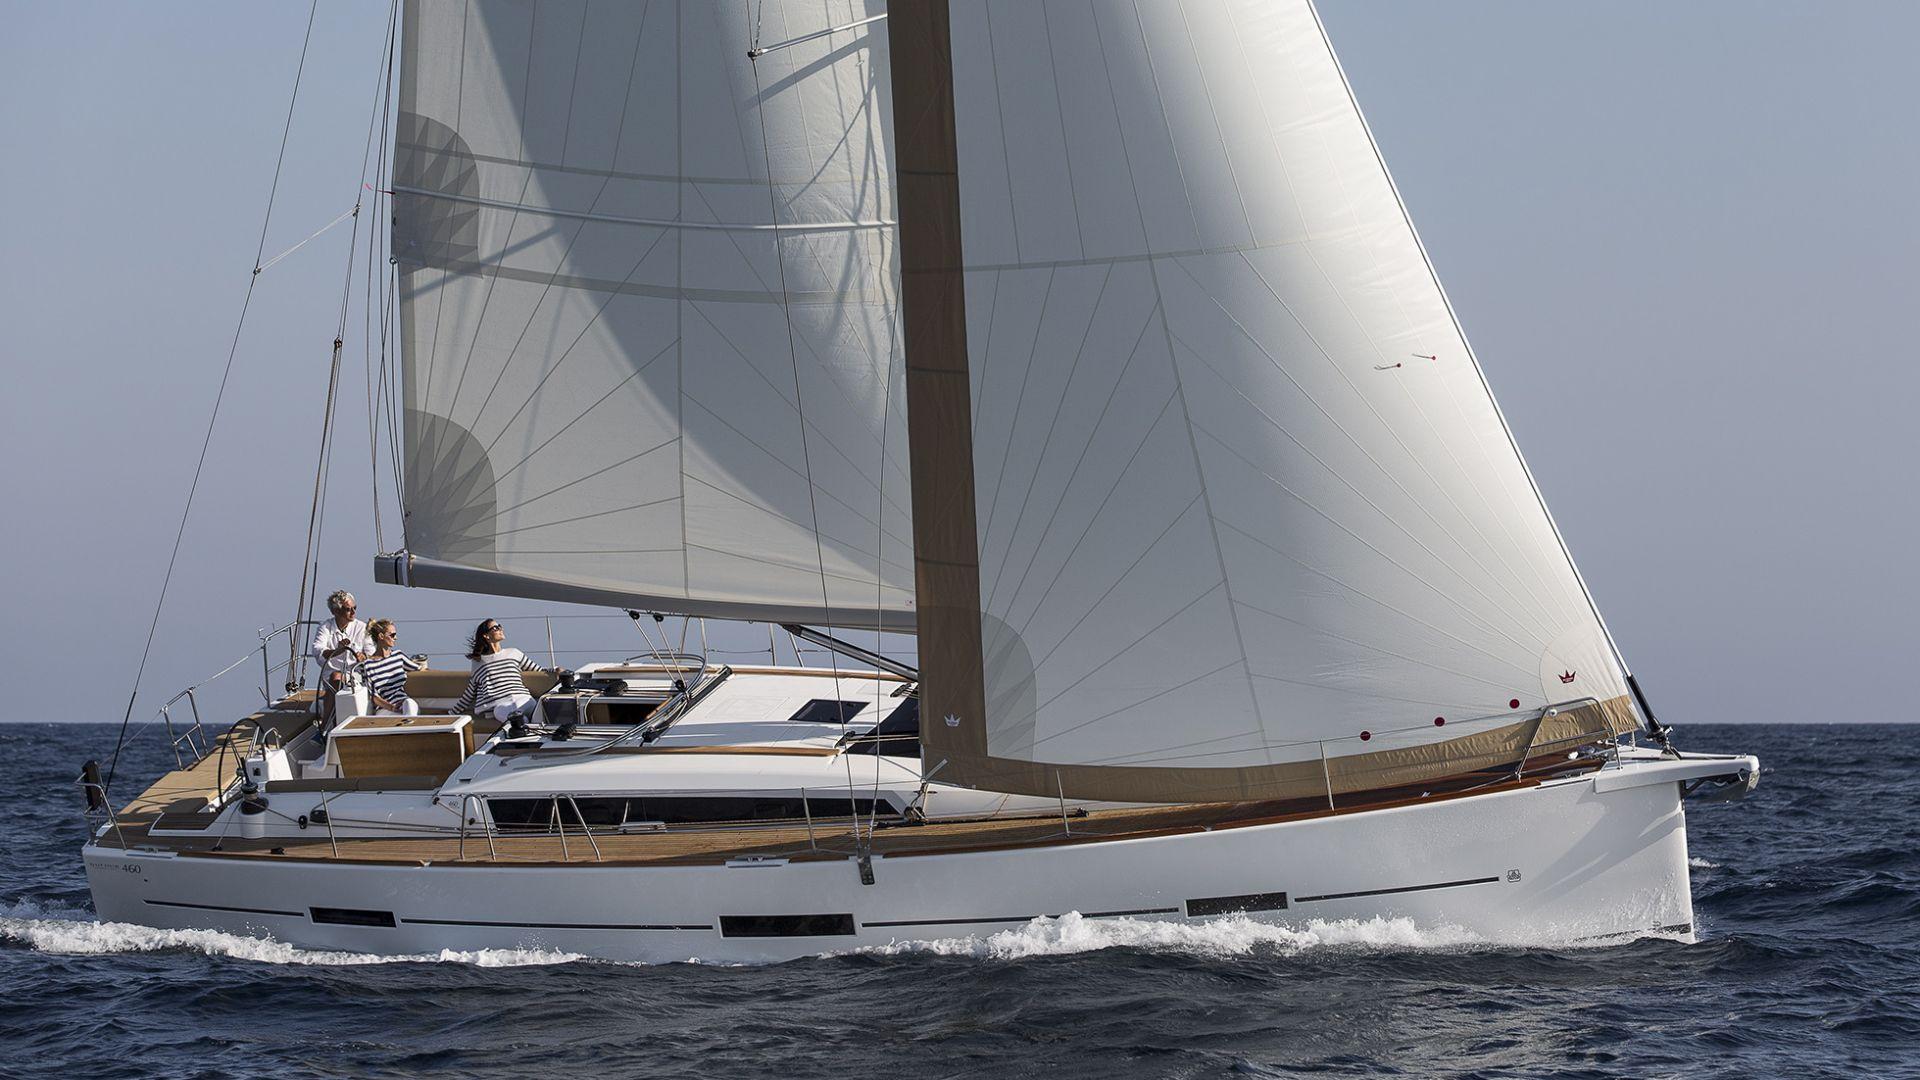 Dufour 46 GL sail